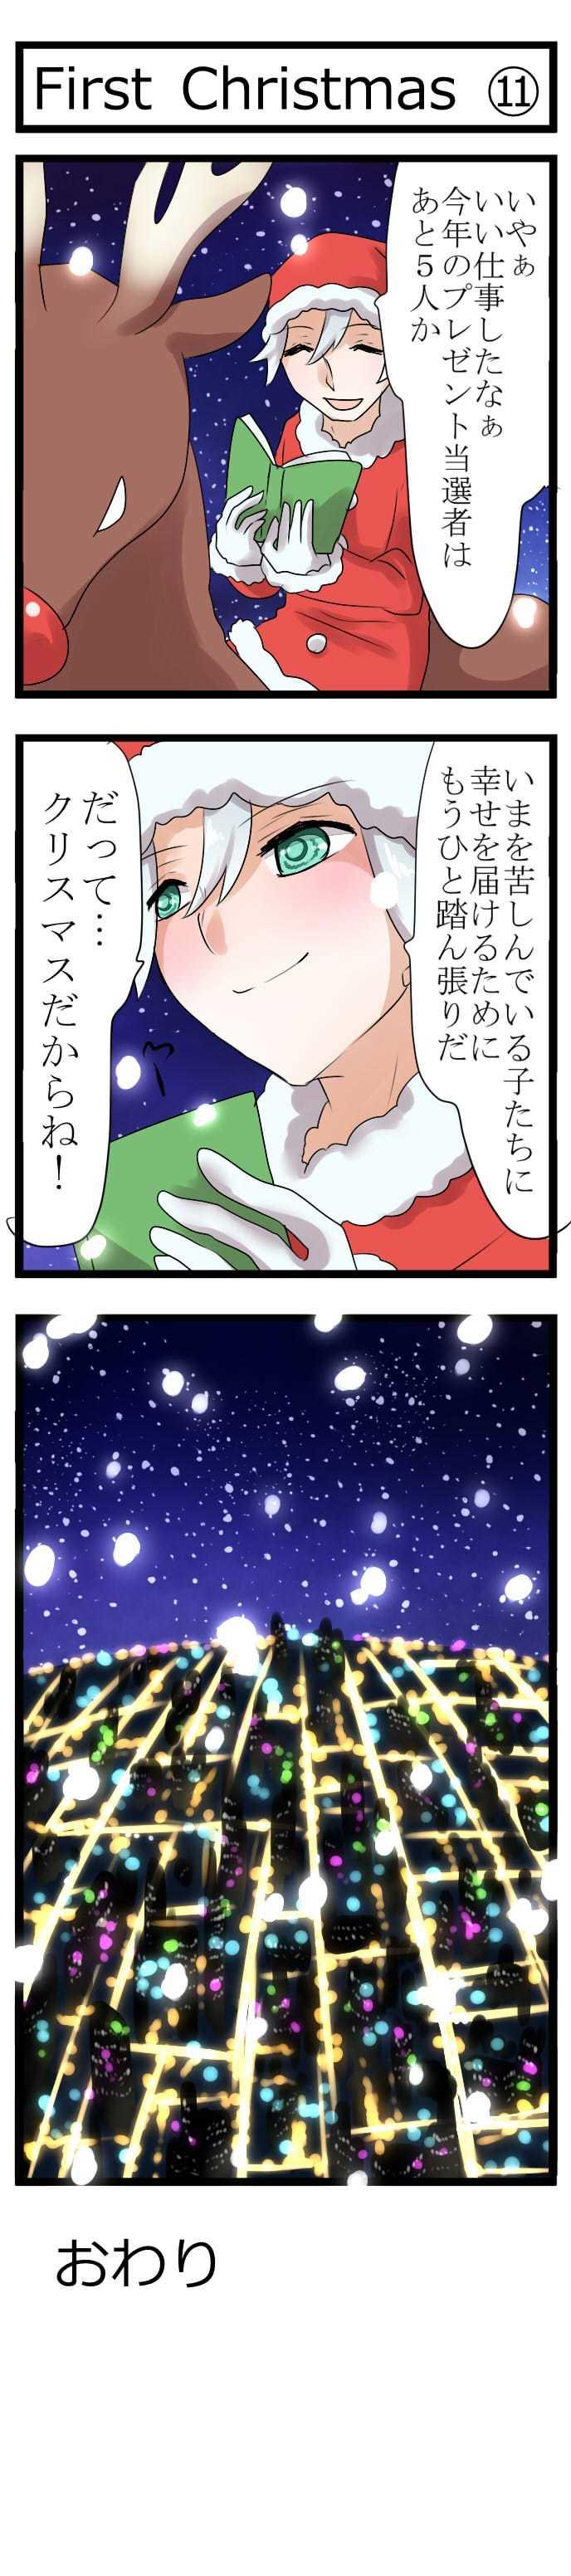 第15話 First Christmas